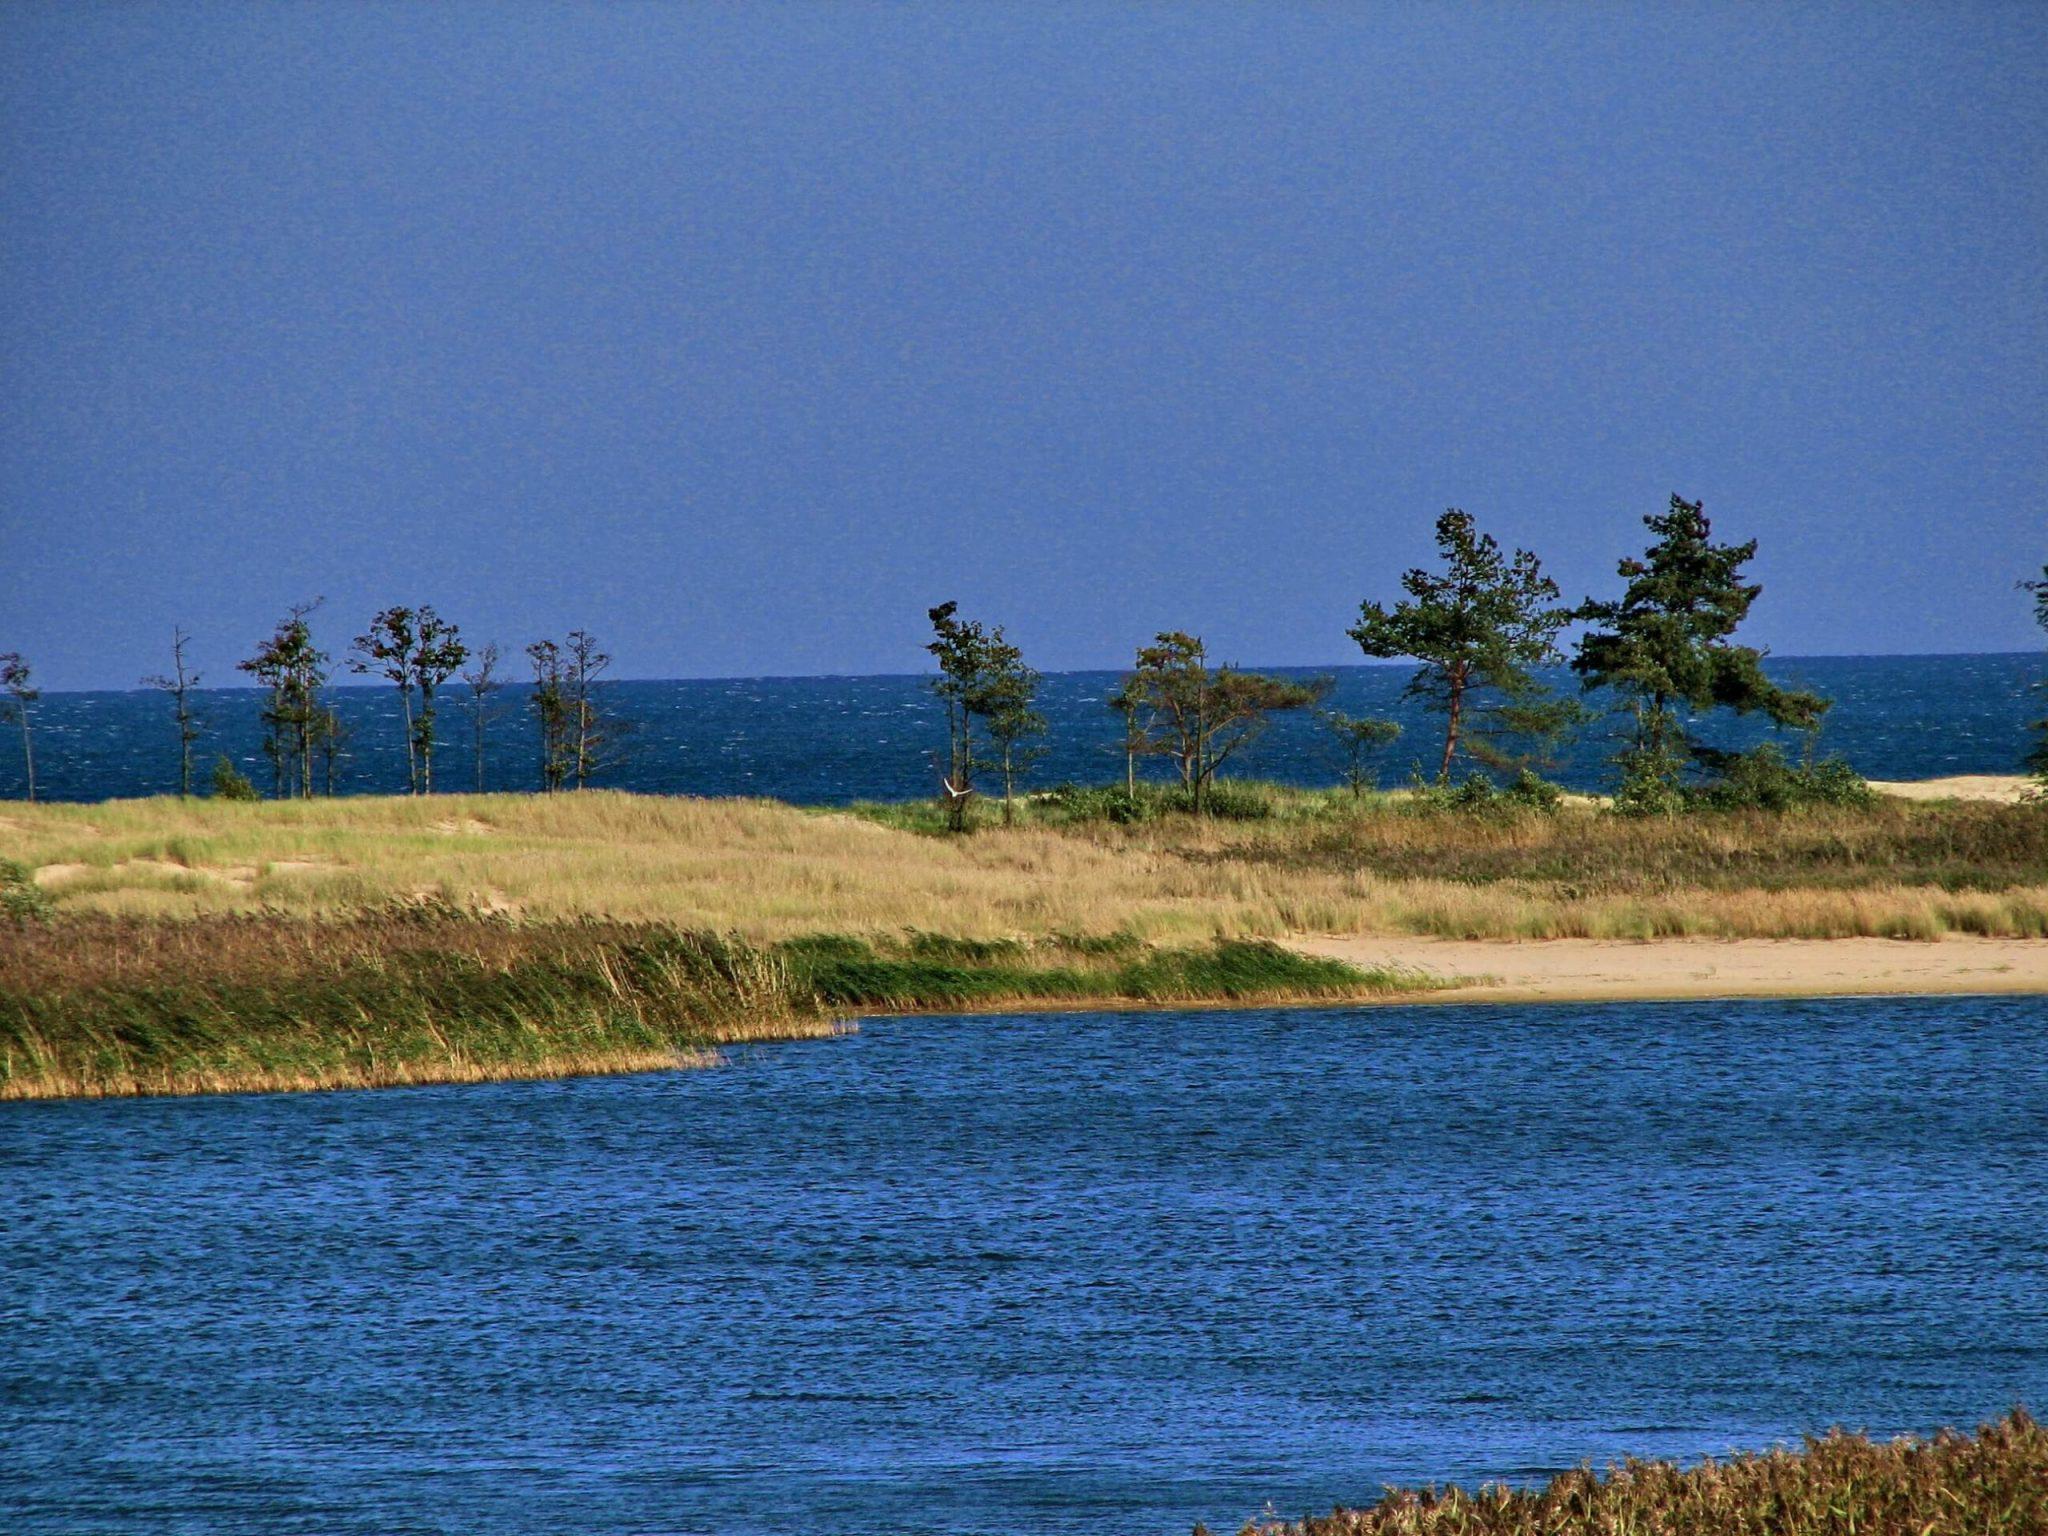 Rezerwat Ptasi Raj sciezki przyrodnicze scaled - Pomorskie ścieżki przyrodnicze - spacer z edukacją dla dzieci i dorosłych